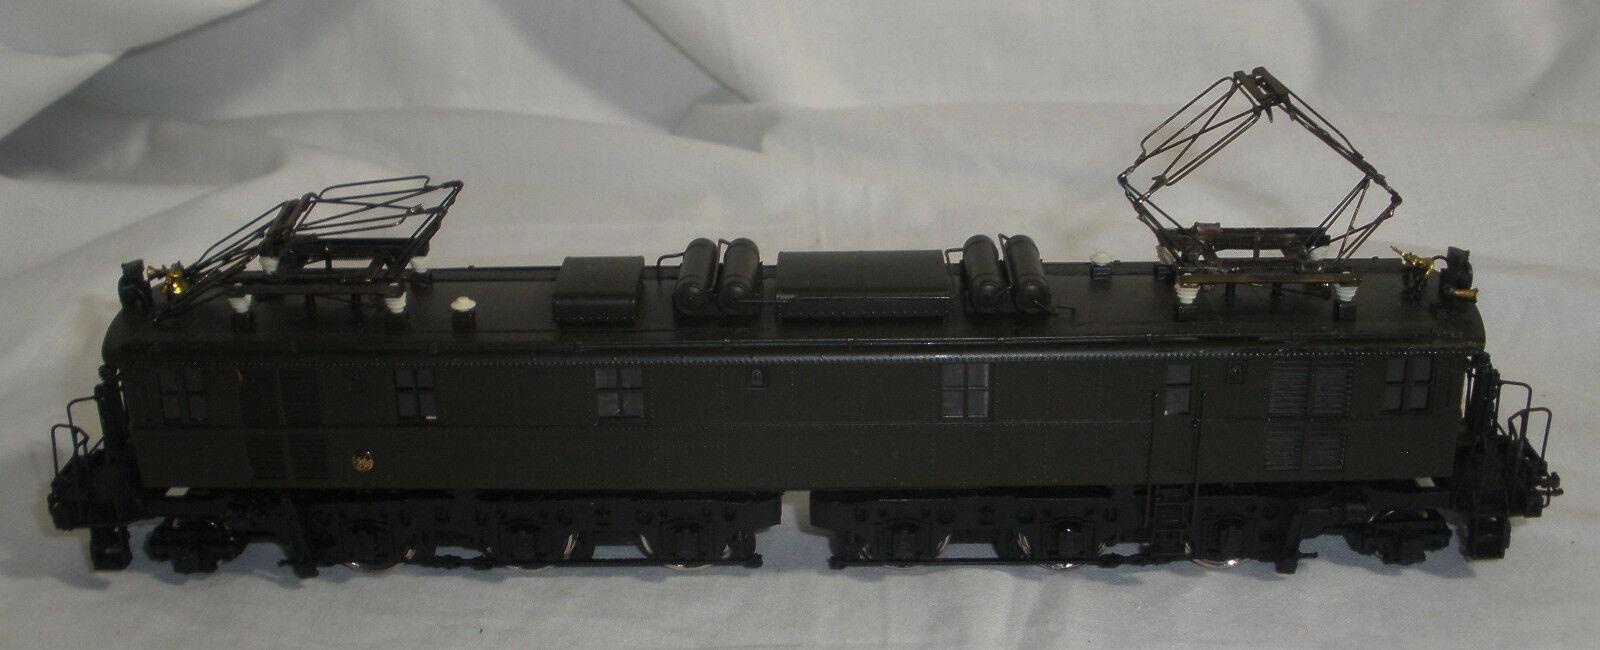 GN 1-C+C-1 Class Y-1 Electric Loco w box